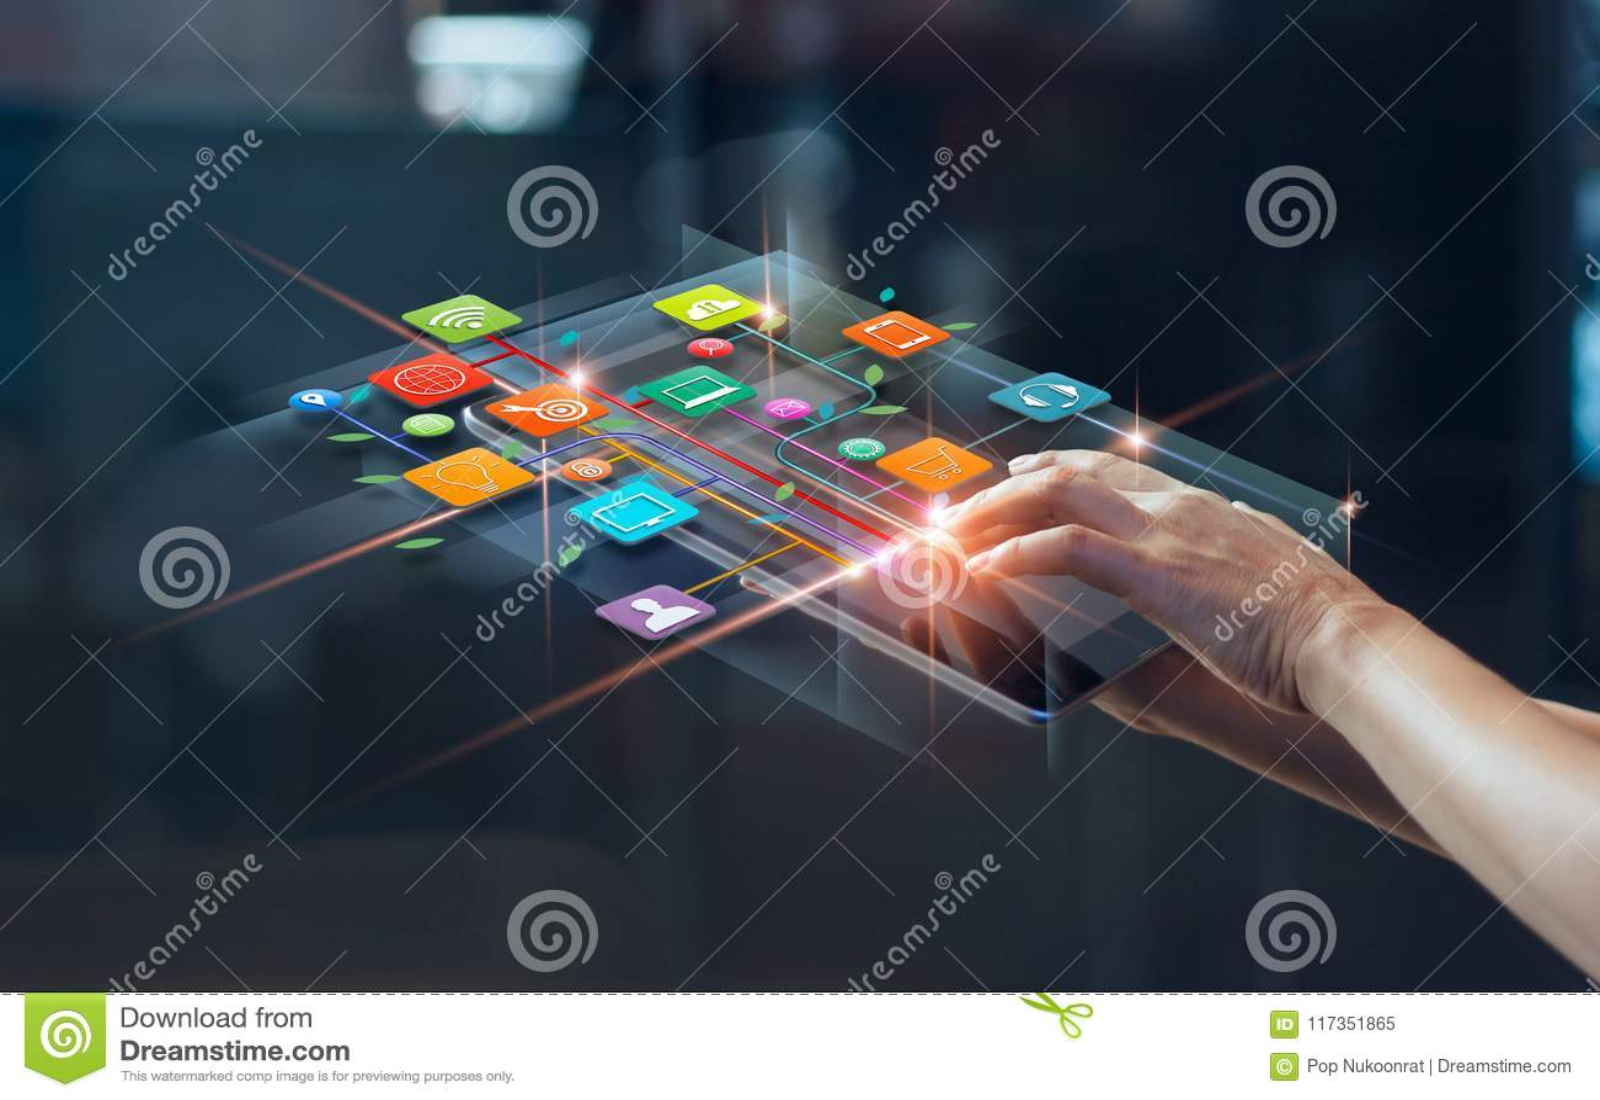 使用流动付款,数字式营销,银行网络的手